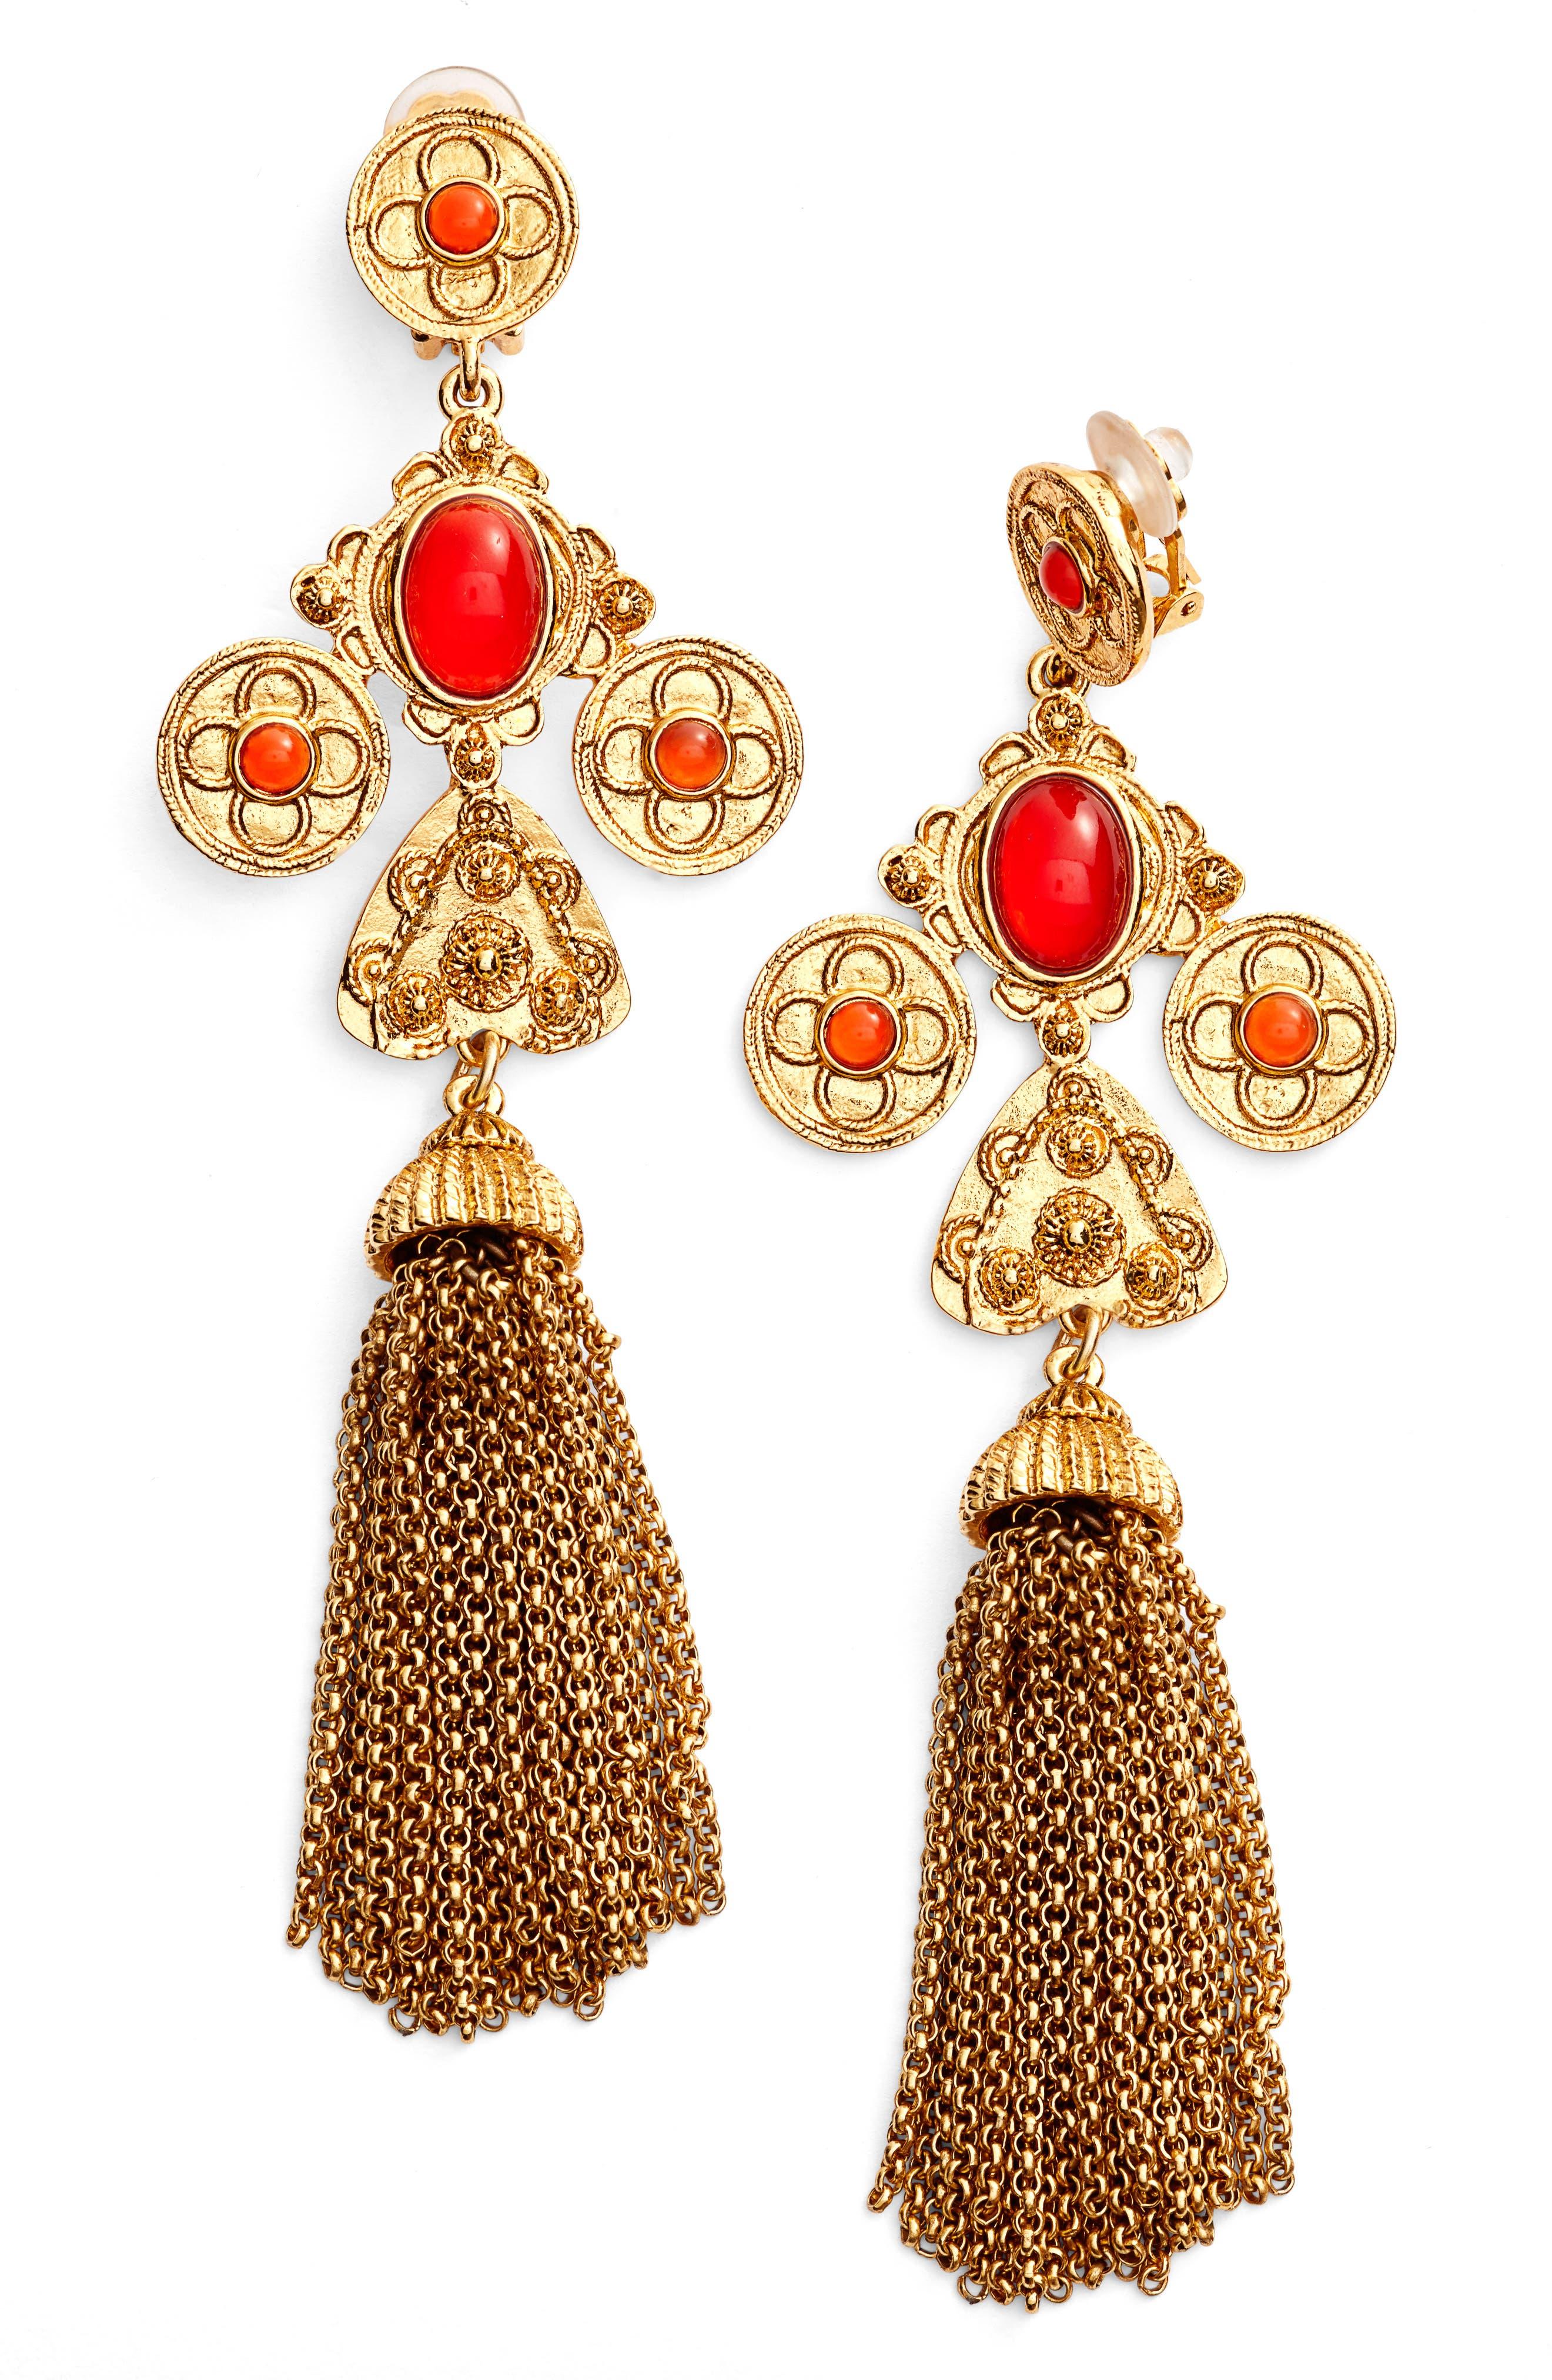 Main Image - Oscar de la Renta Charm Tassel Clip Earrings